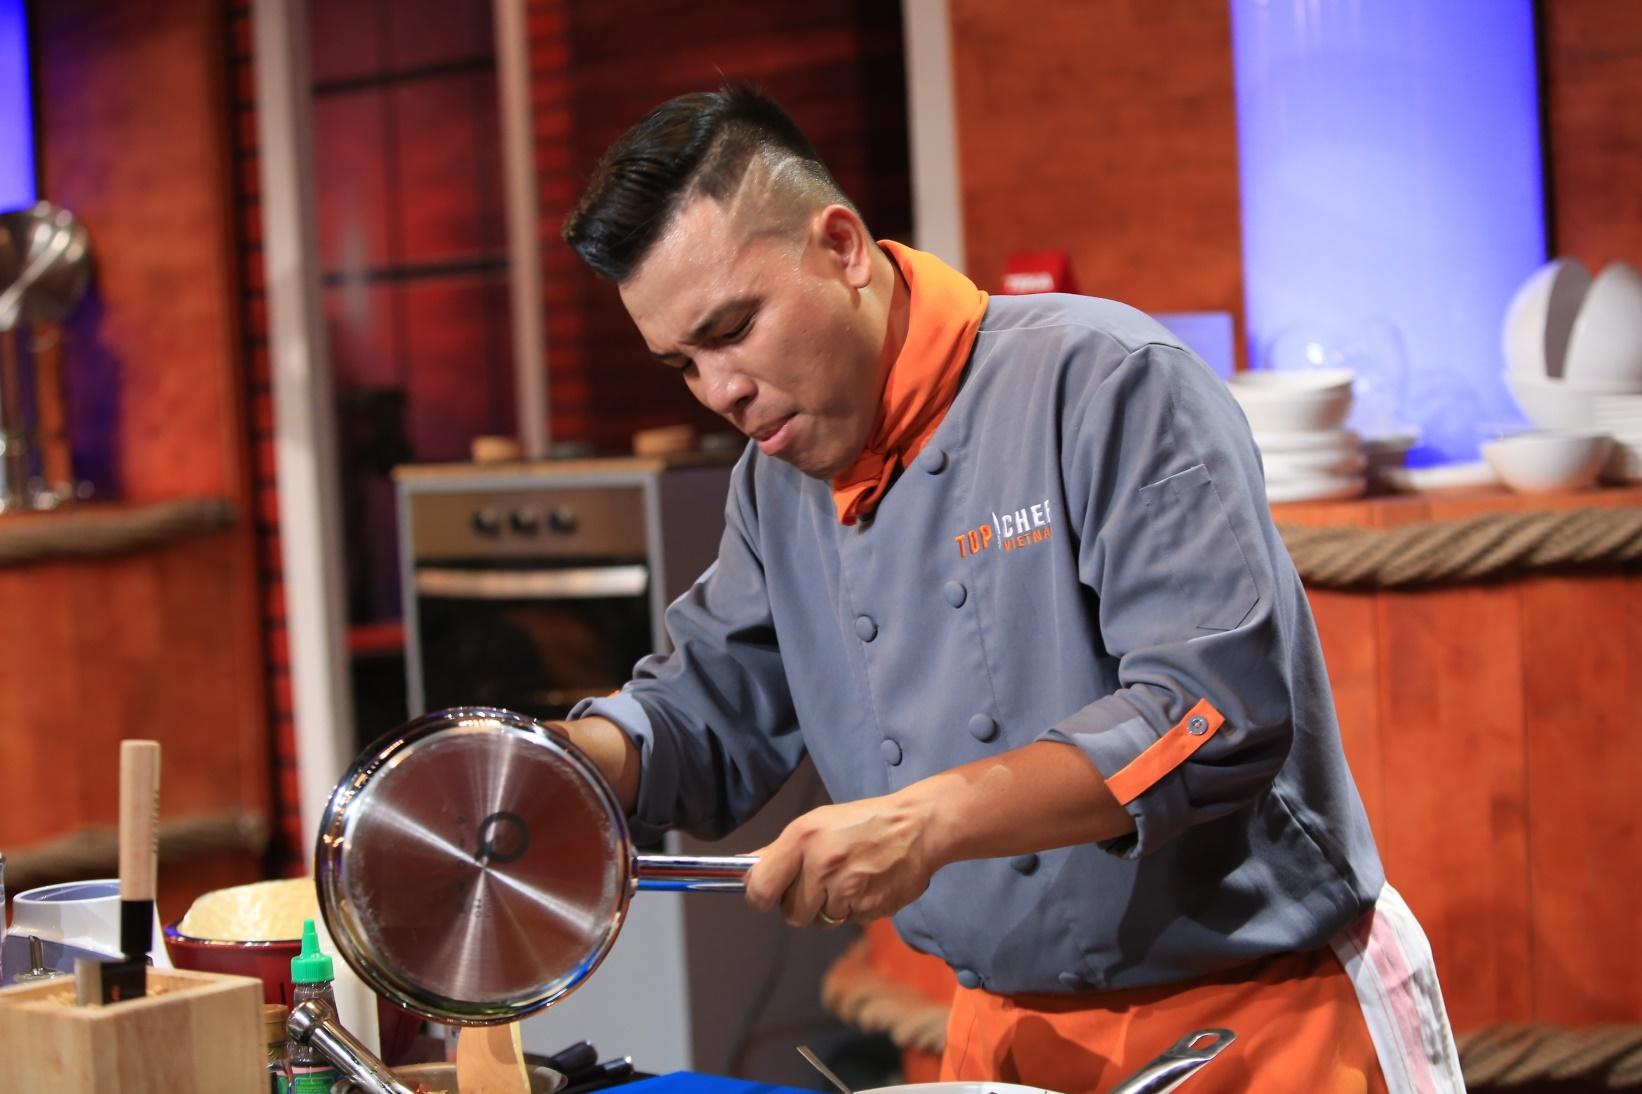 Top Chef: Đại Nghĩa khiến chef hoang mang khi công bố thử thách tráo đề thi cho nhau - Hình 4